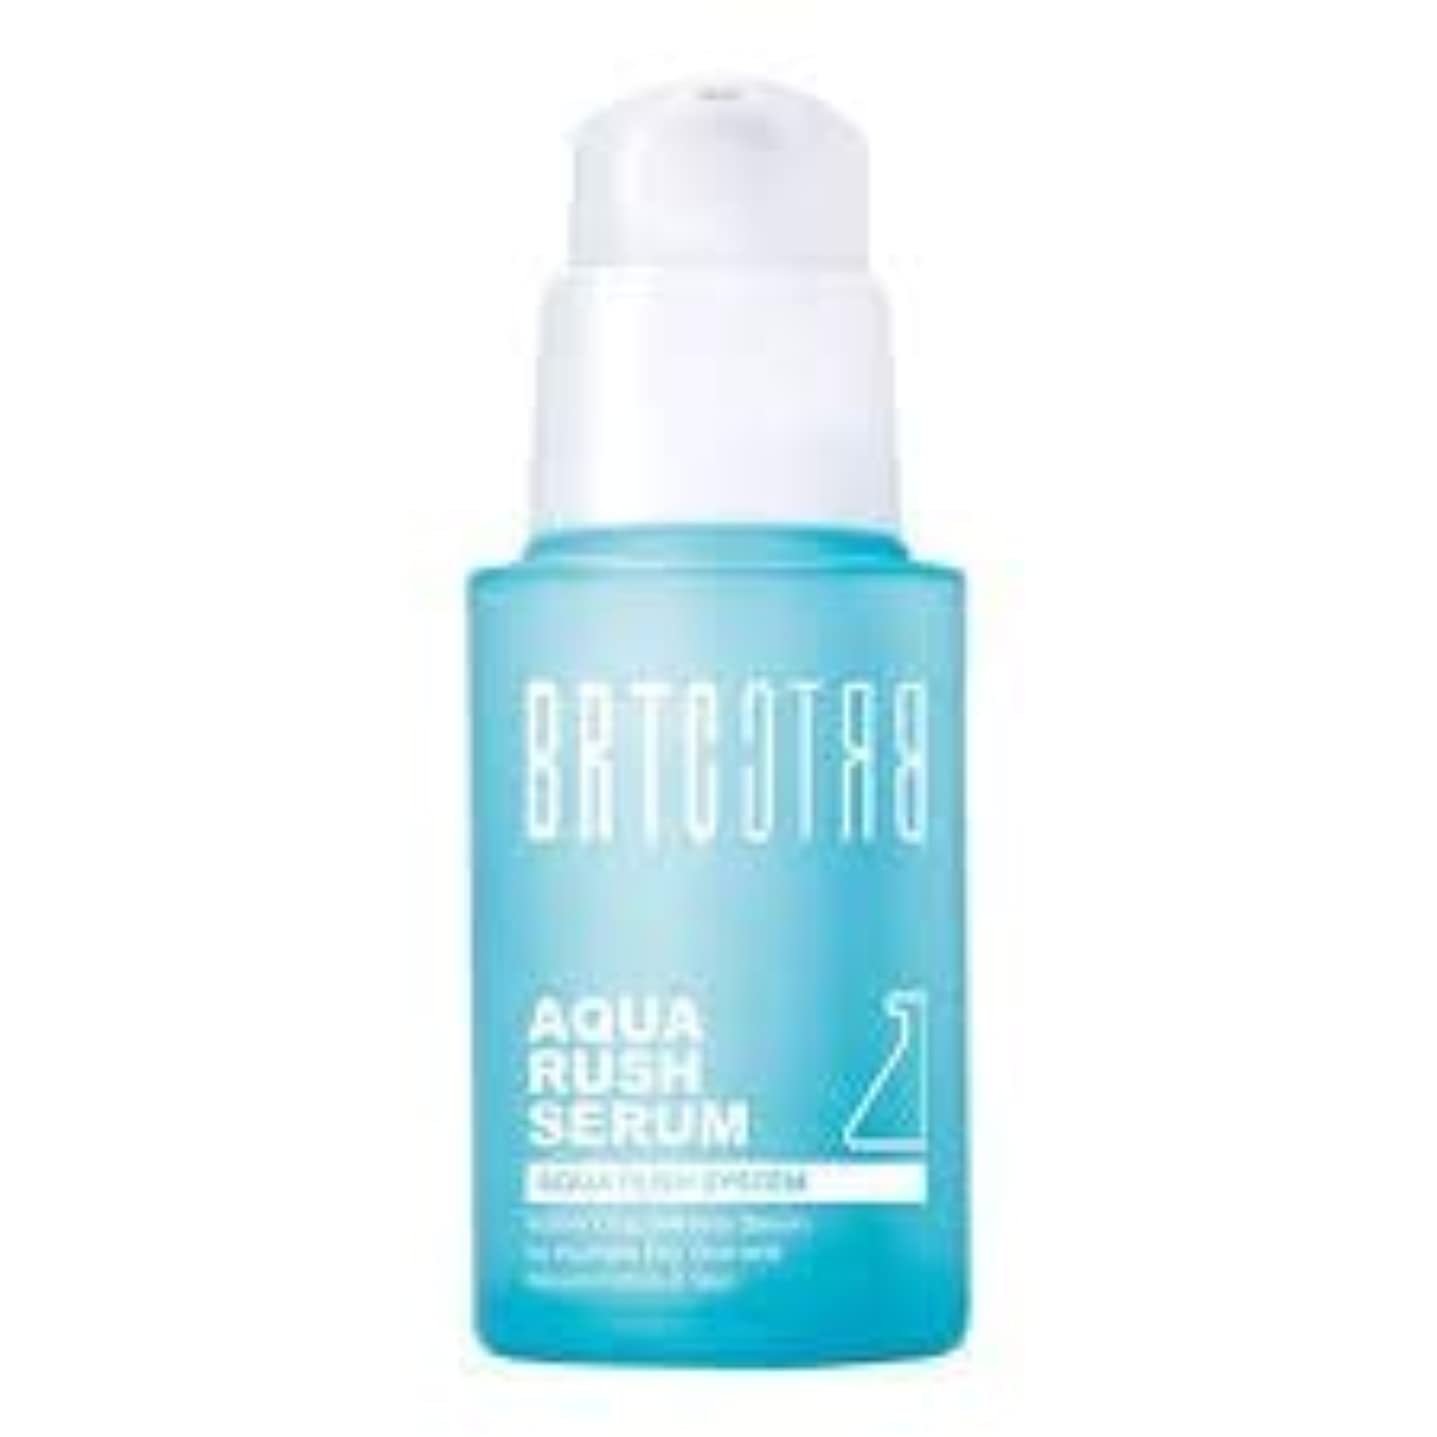 称賛アイデアインデックスBRTC AQUAは、30ミリリットルに血清ミネラル血清をキャッチ鈍いと明るい乾燥肌に潤いを低下します